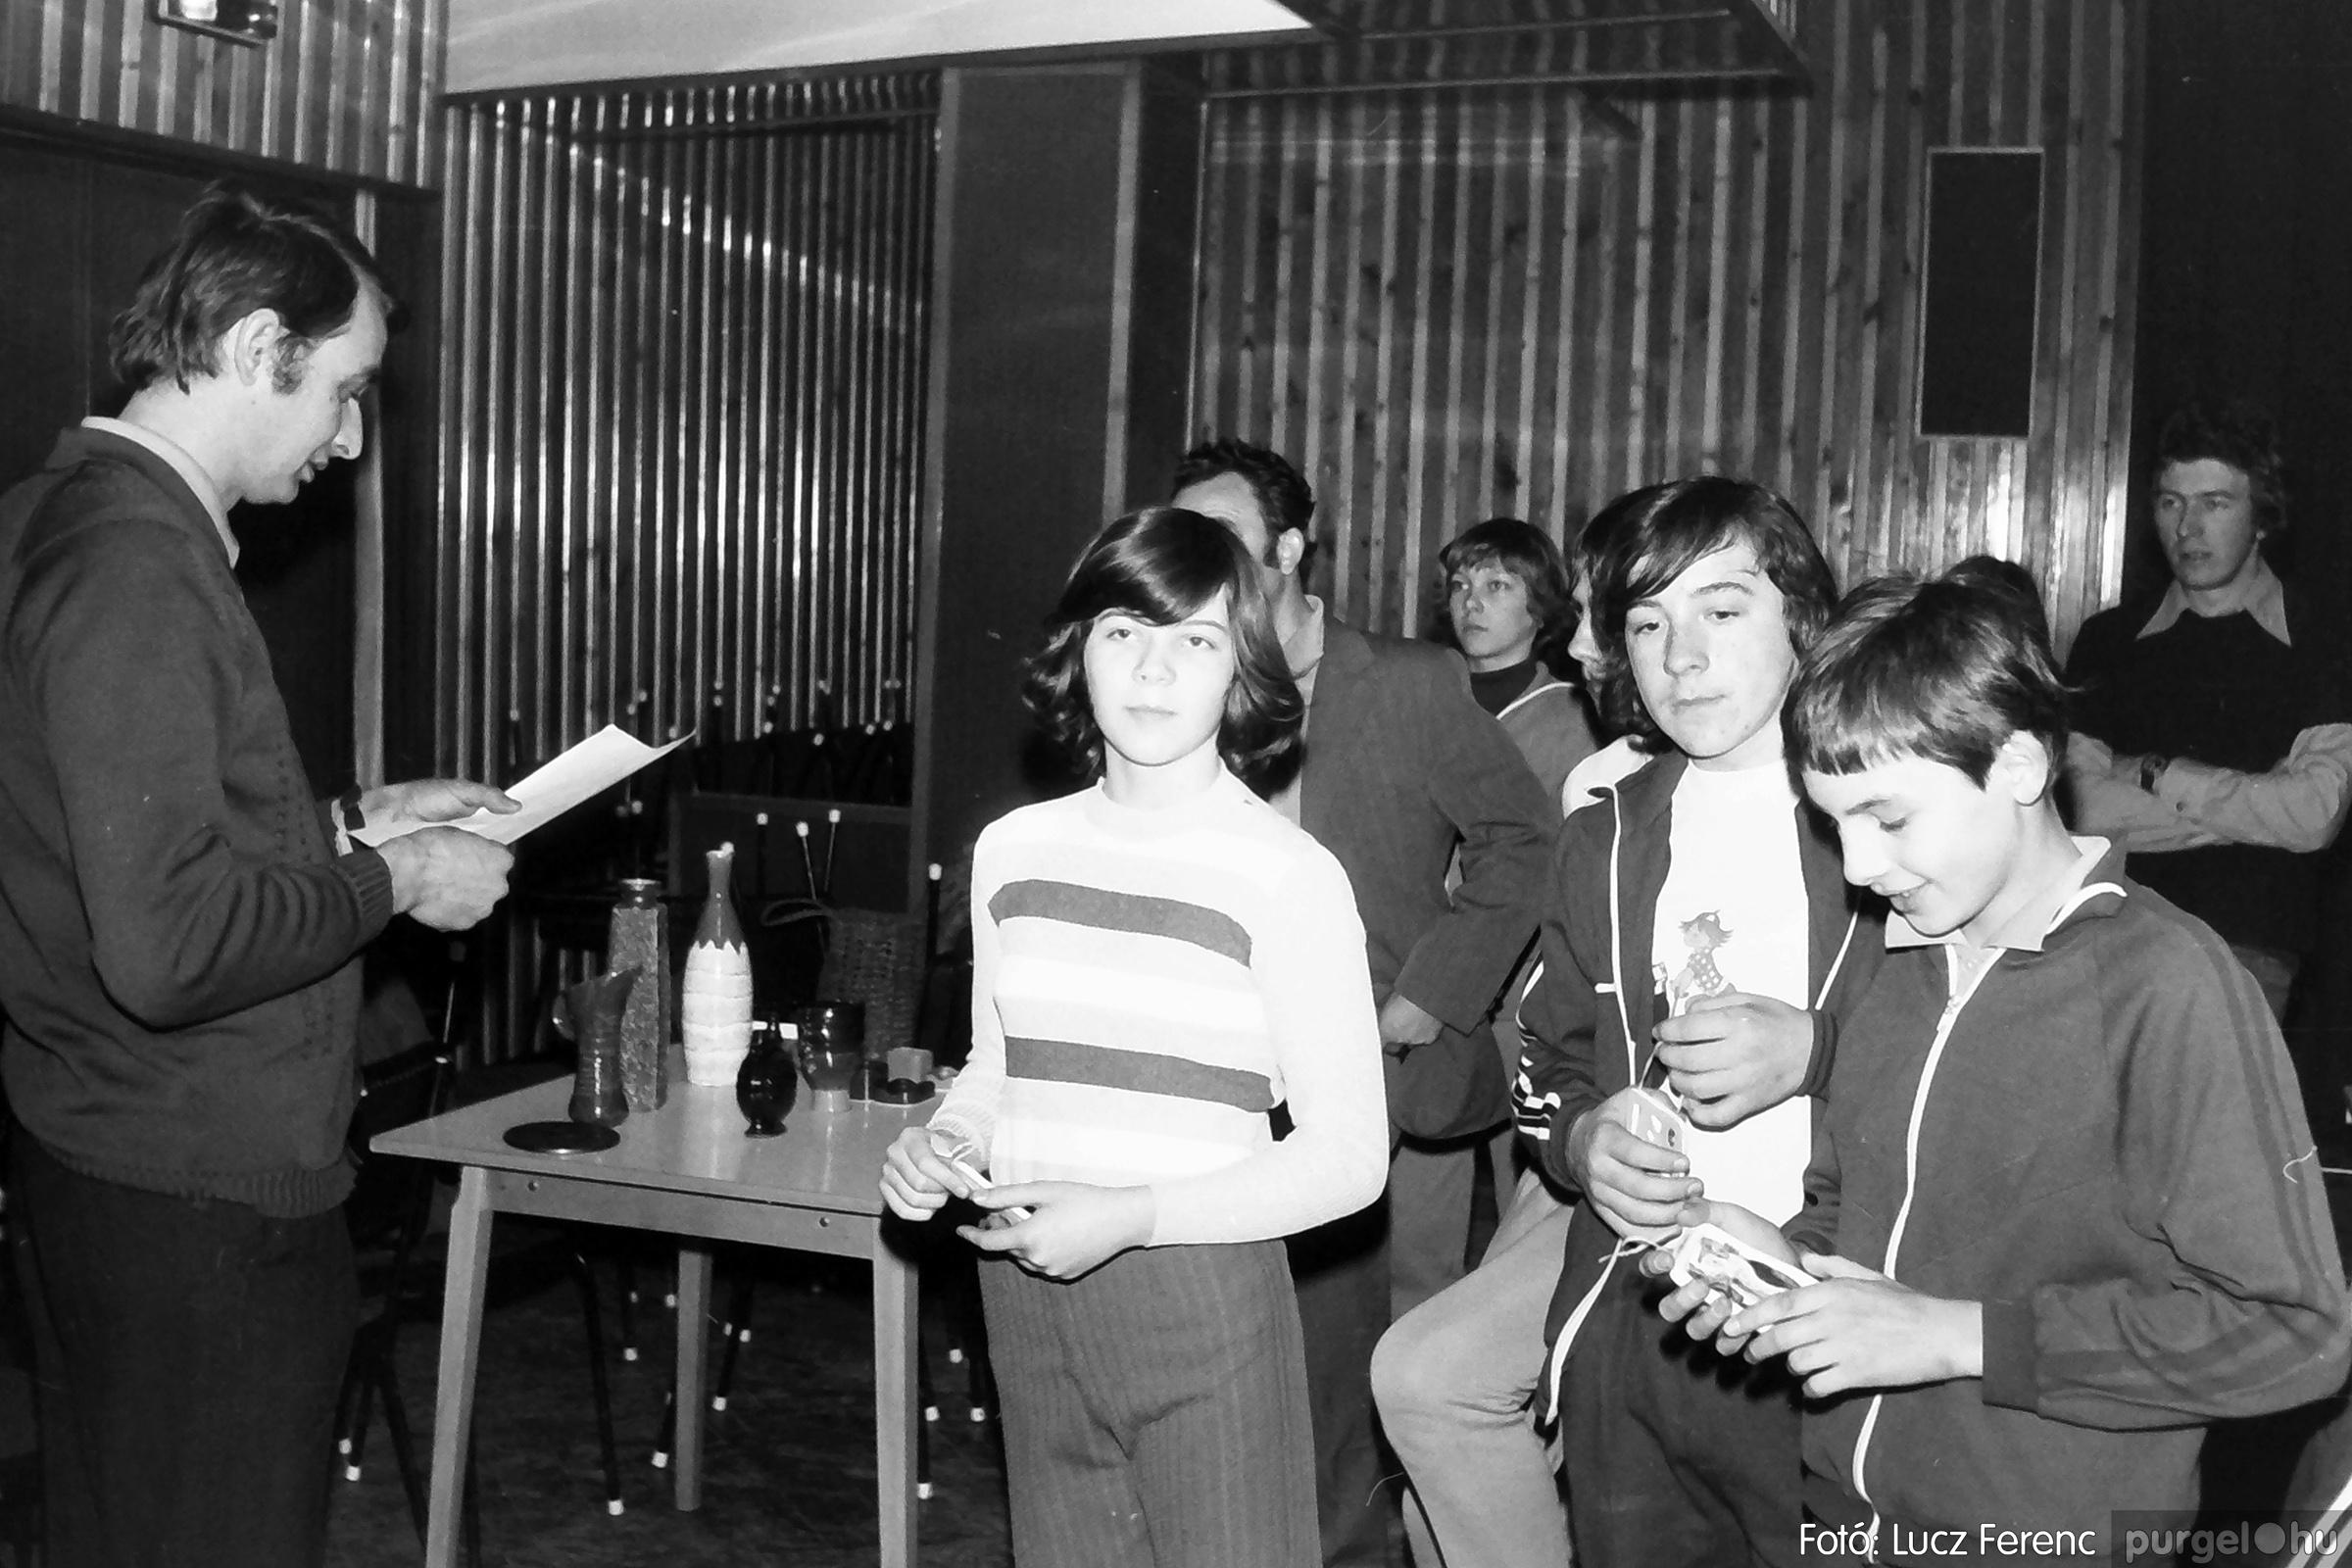 073. 1977. Asztaltenisz verseny 020. - Fotó: Lucz Ferenc.jpg